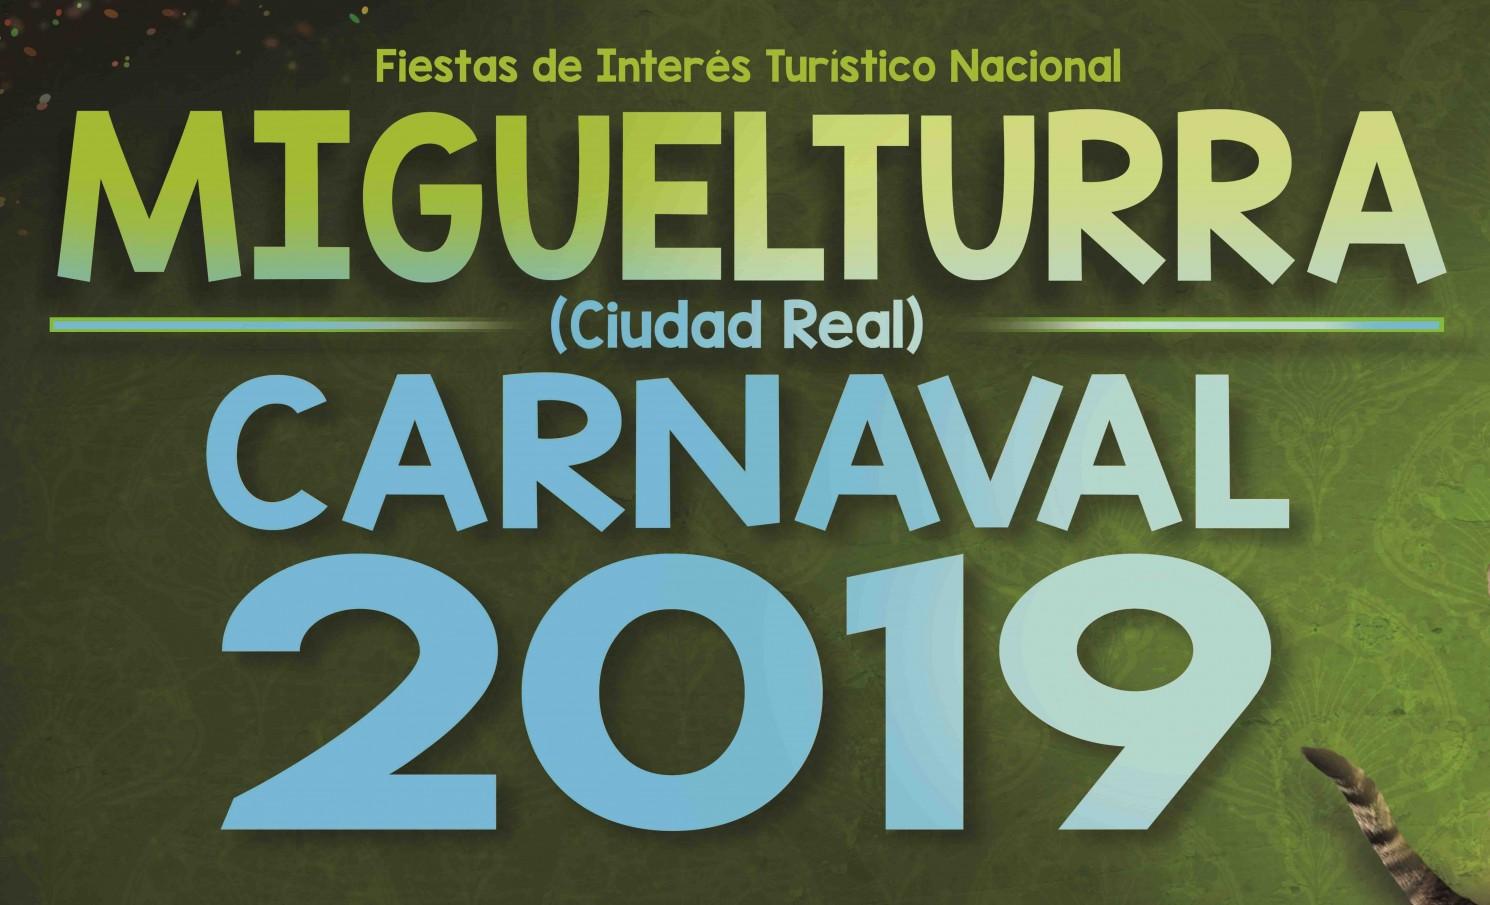 CONCURSO PARA LA ELECCIÓN DEL CARTEL ANUNCIADOR DE LOS CARNAVALES 2020